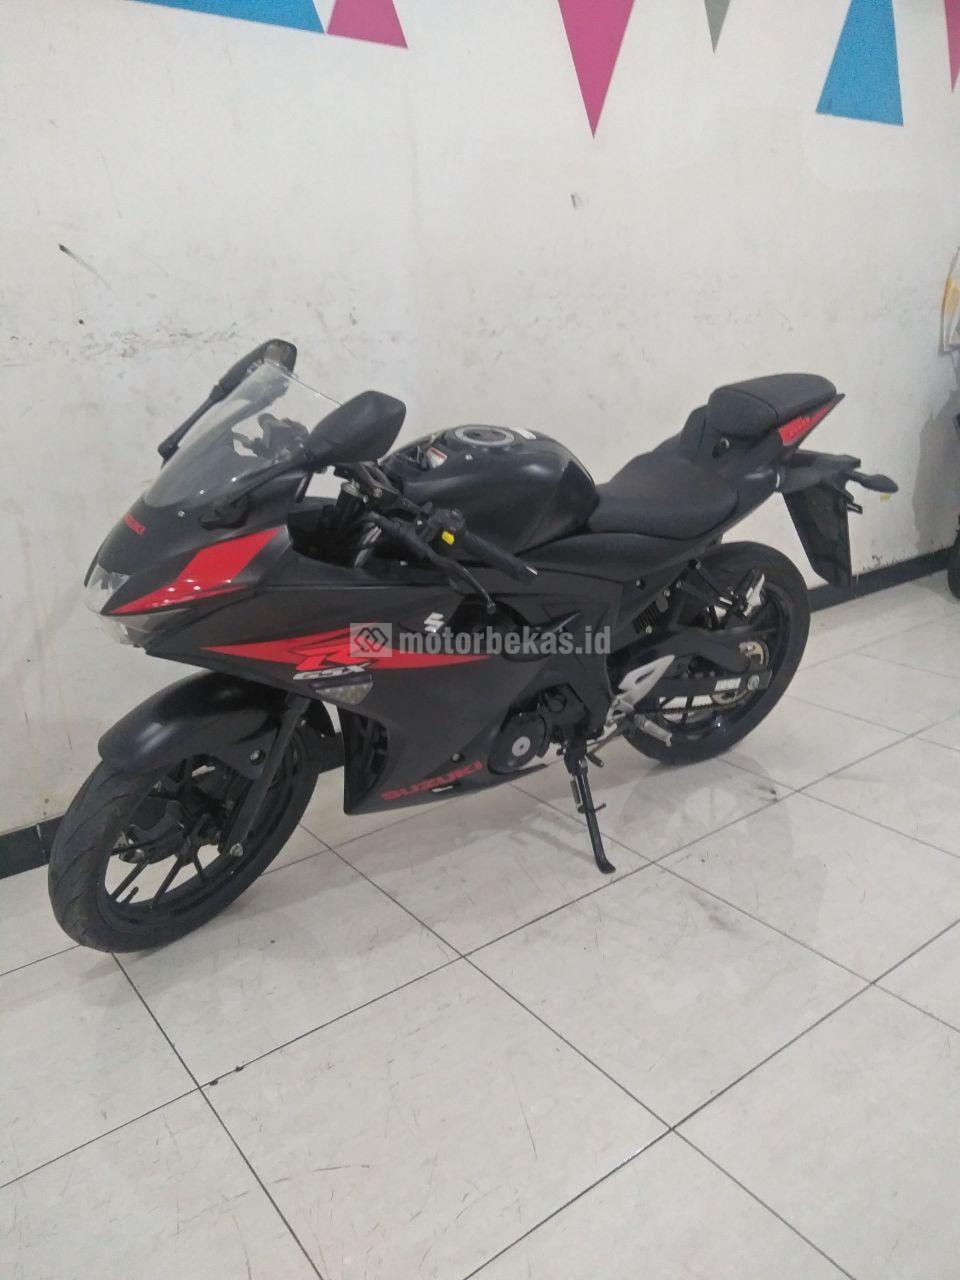 SUZUKI GSX 150R  3073 motorbekas.id